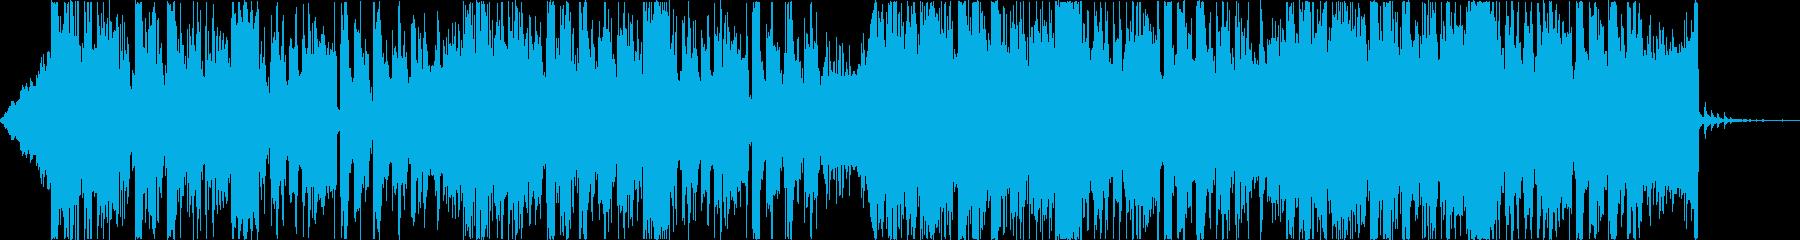 緊迫デジタルダークシネマティックEDMcの再生済みの波形